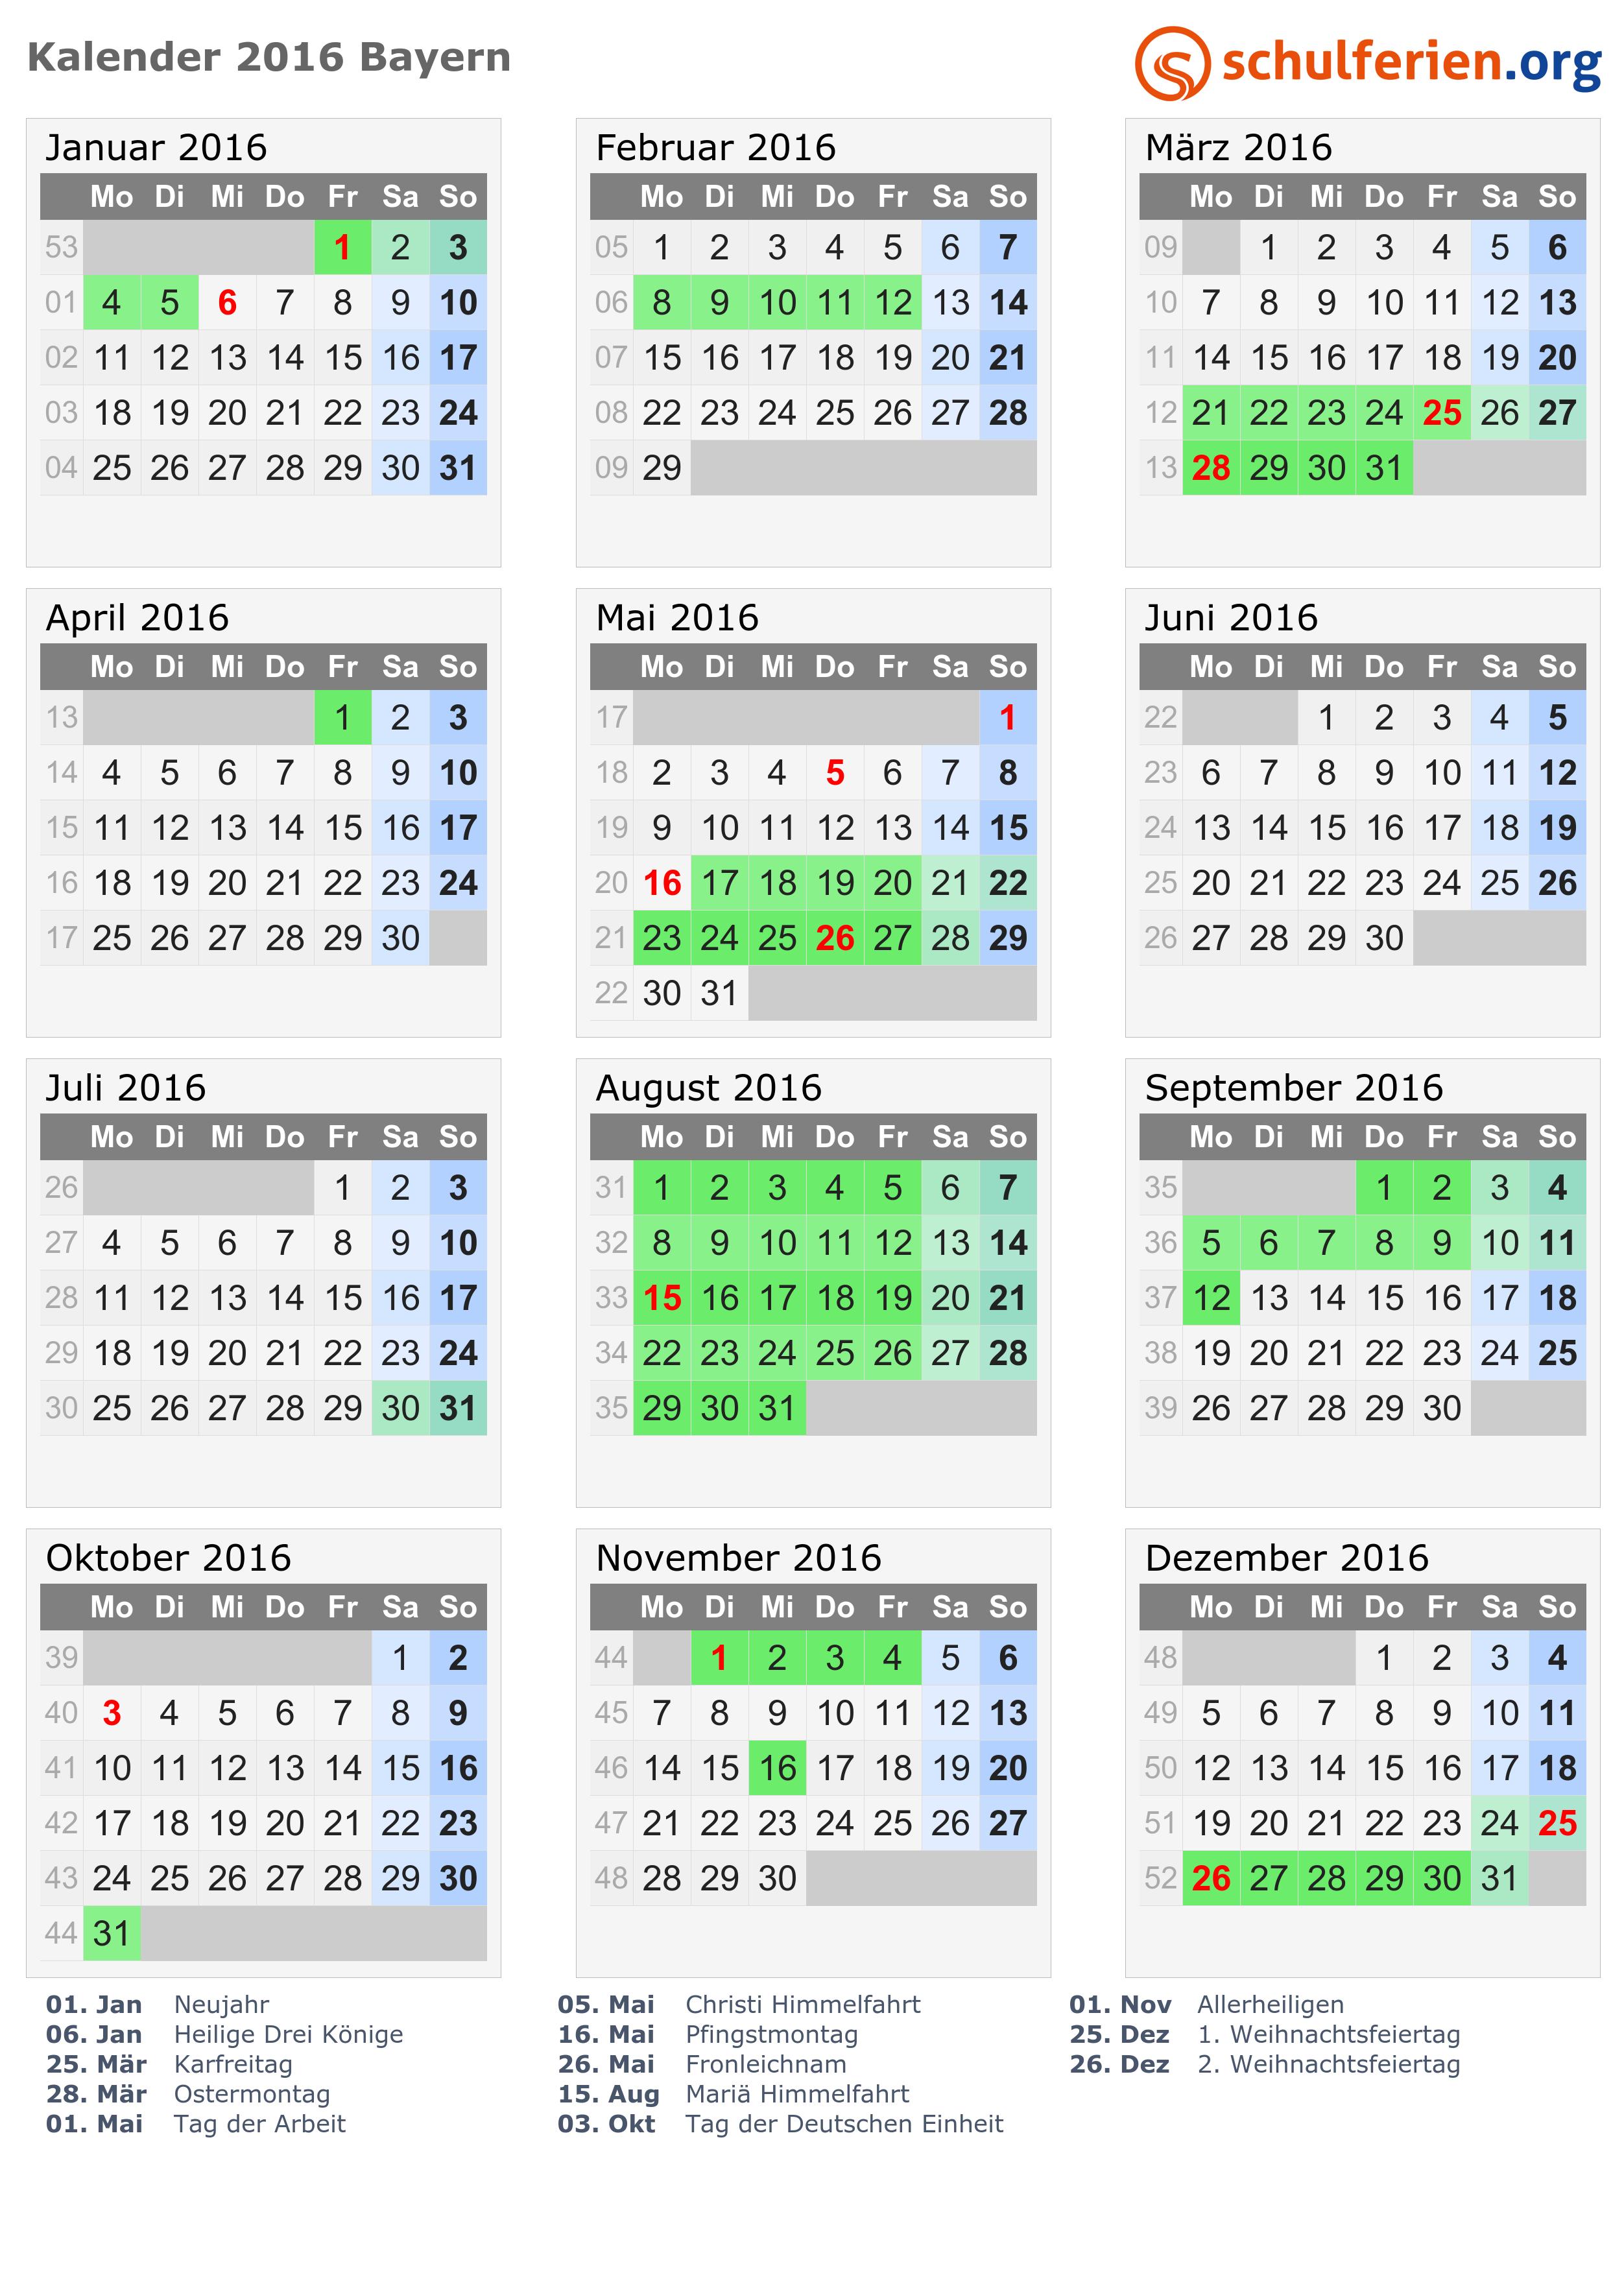 Kalender 2016 bayern zum ausdrucken kostenlos